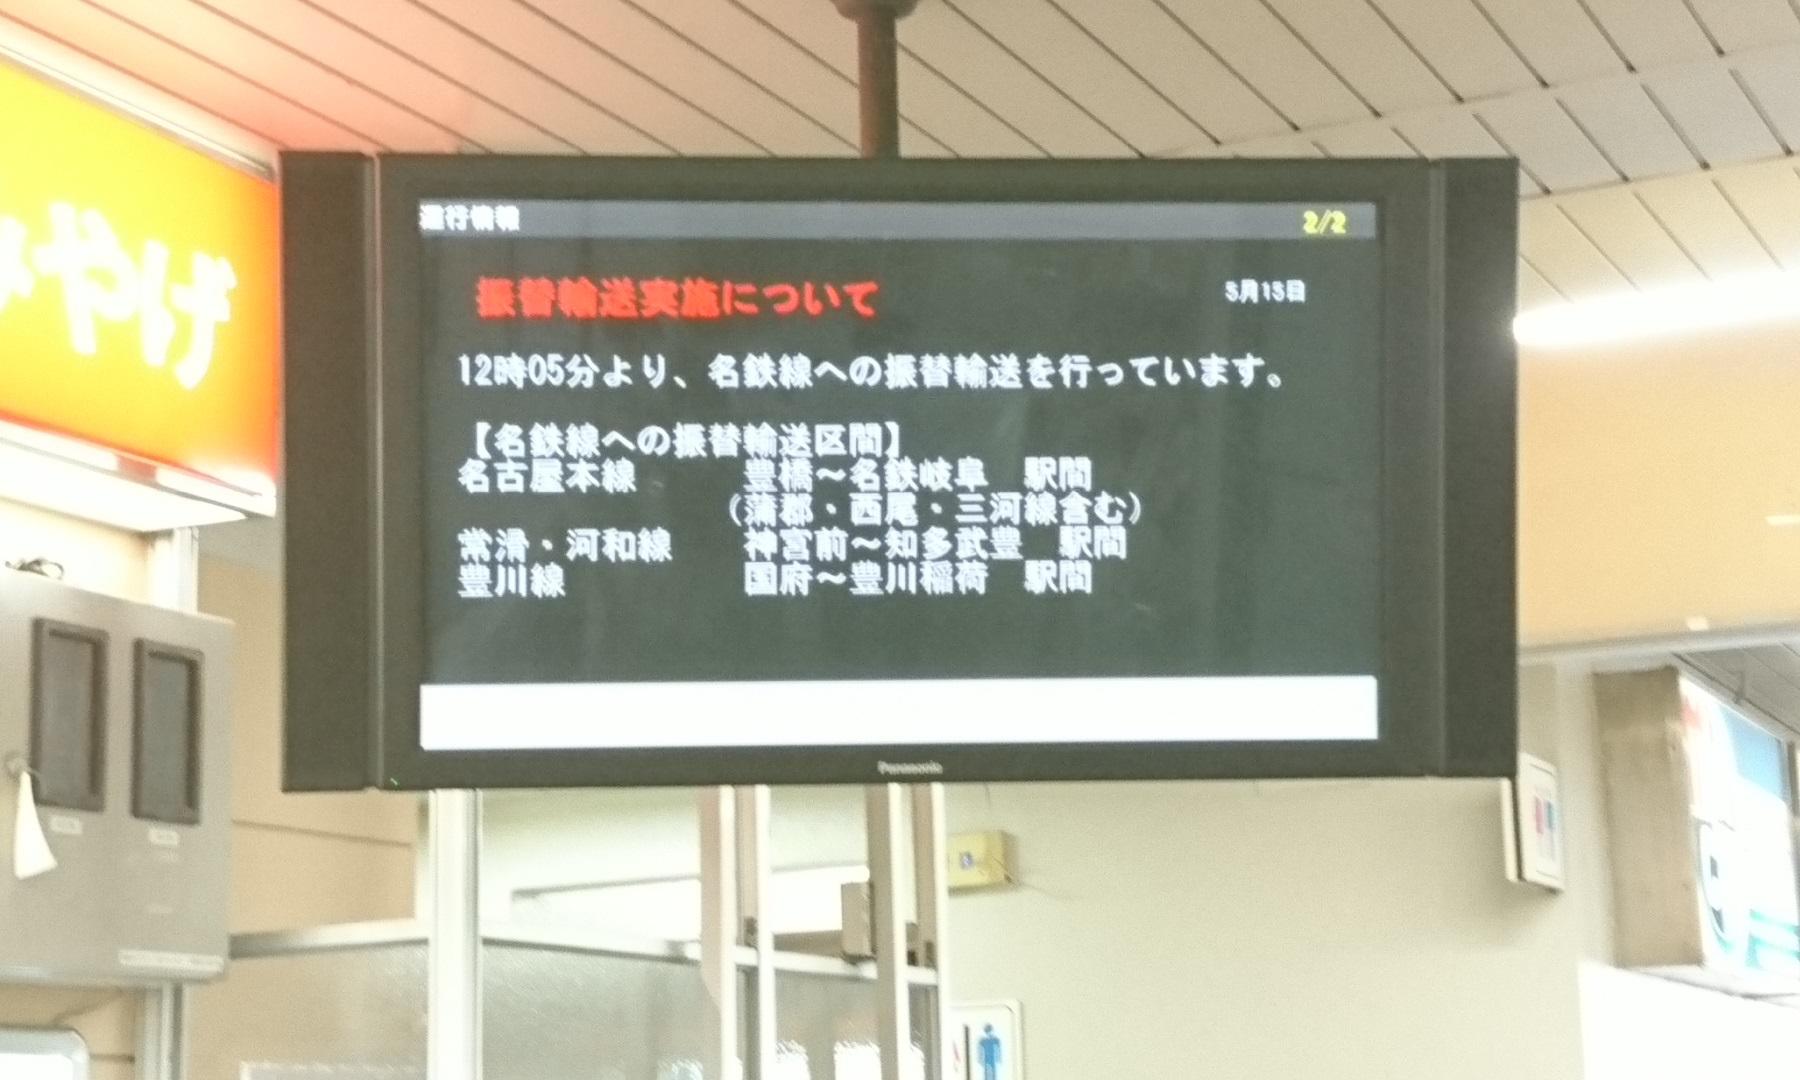 2017.5.15 あんじょうえき - 運行情報板 (2) ふりかえ輸送実施について